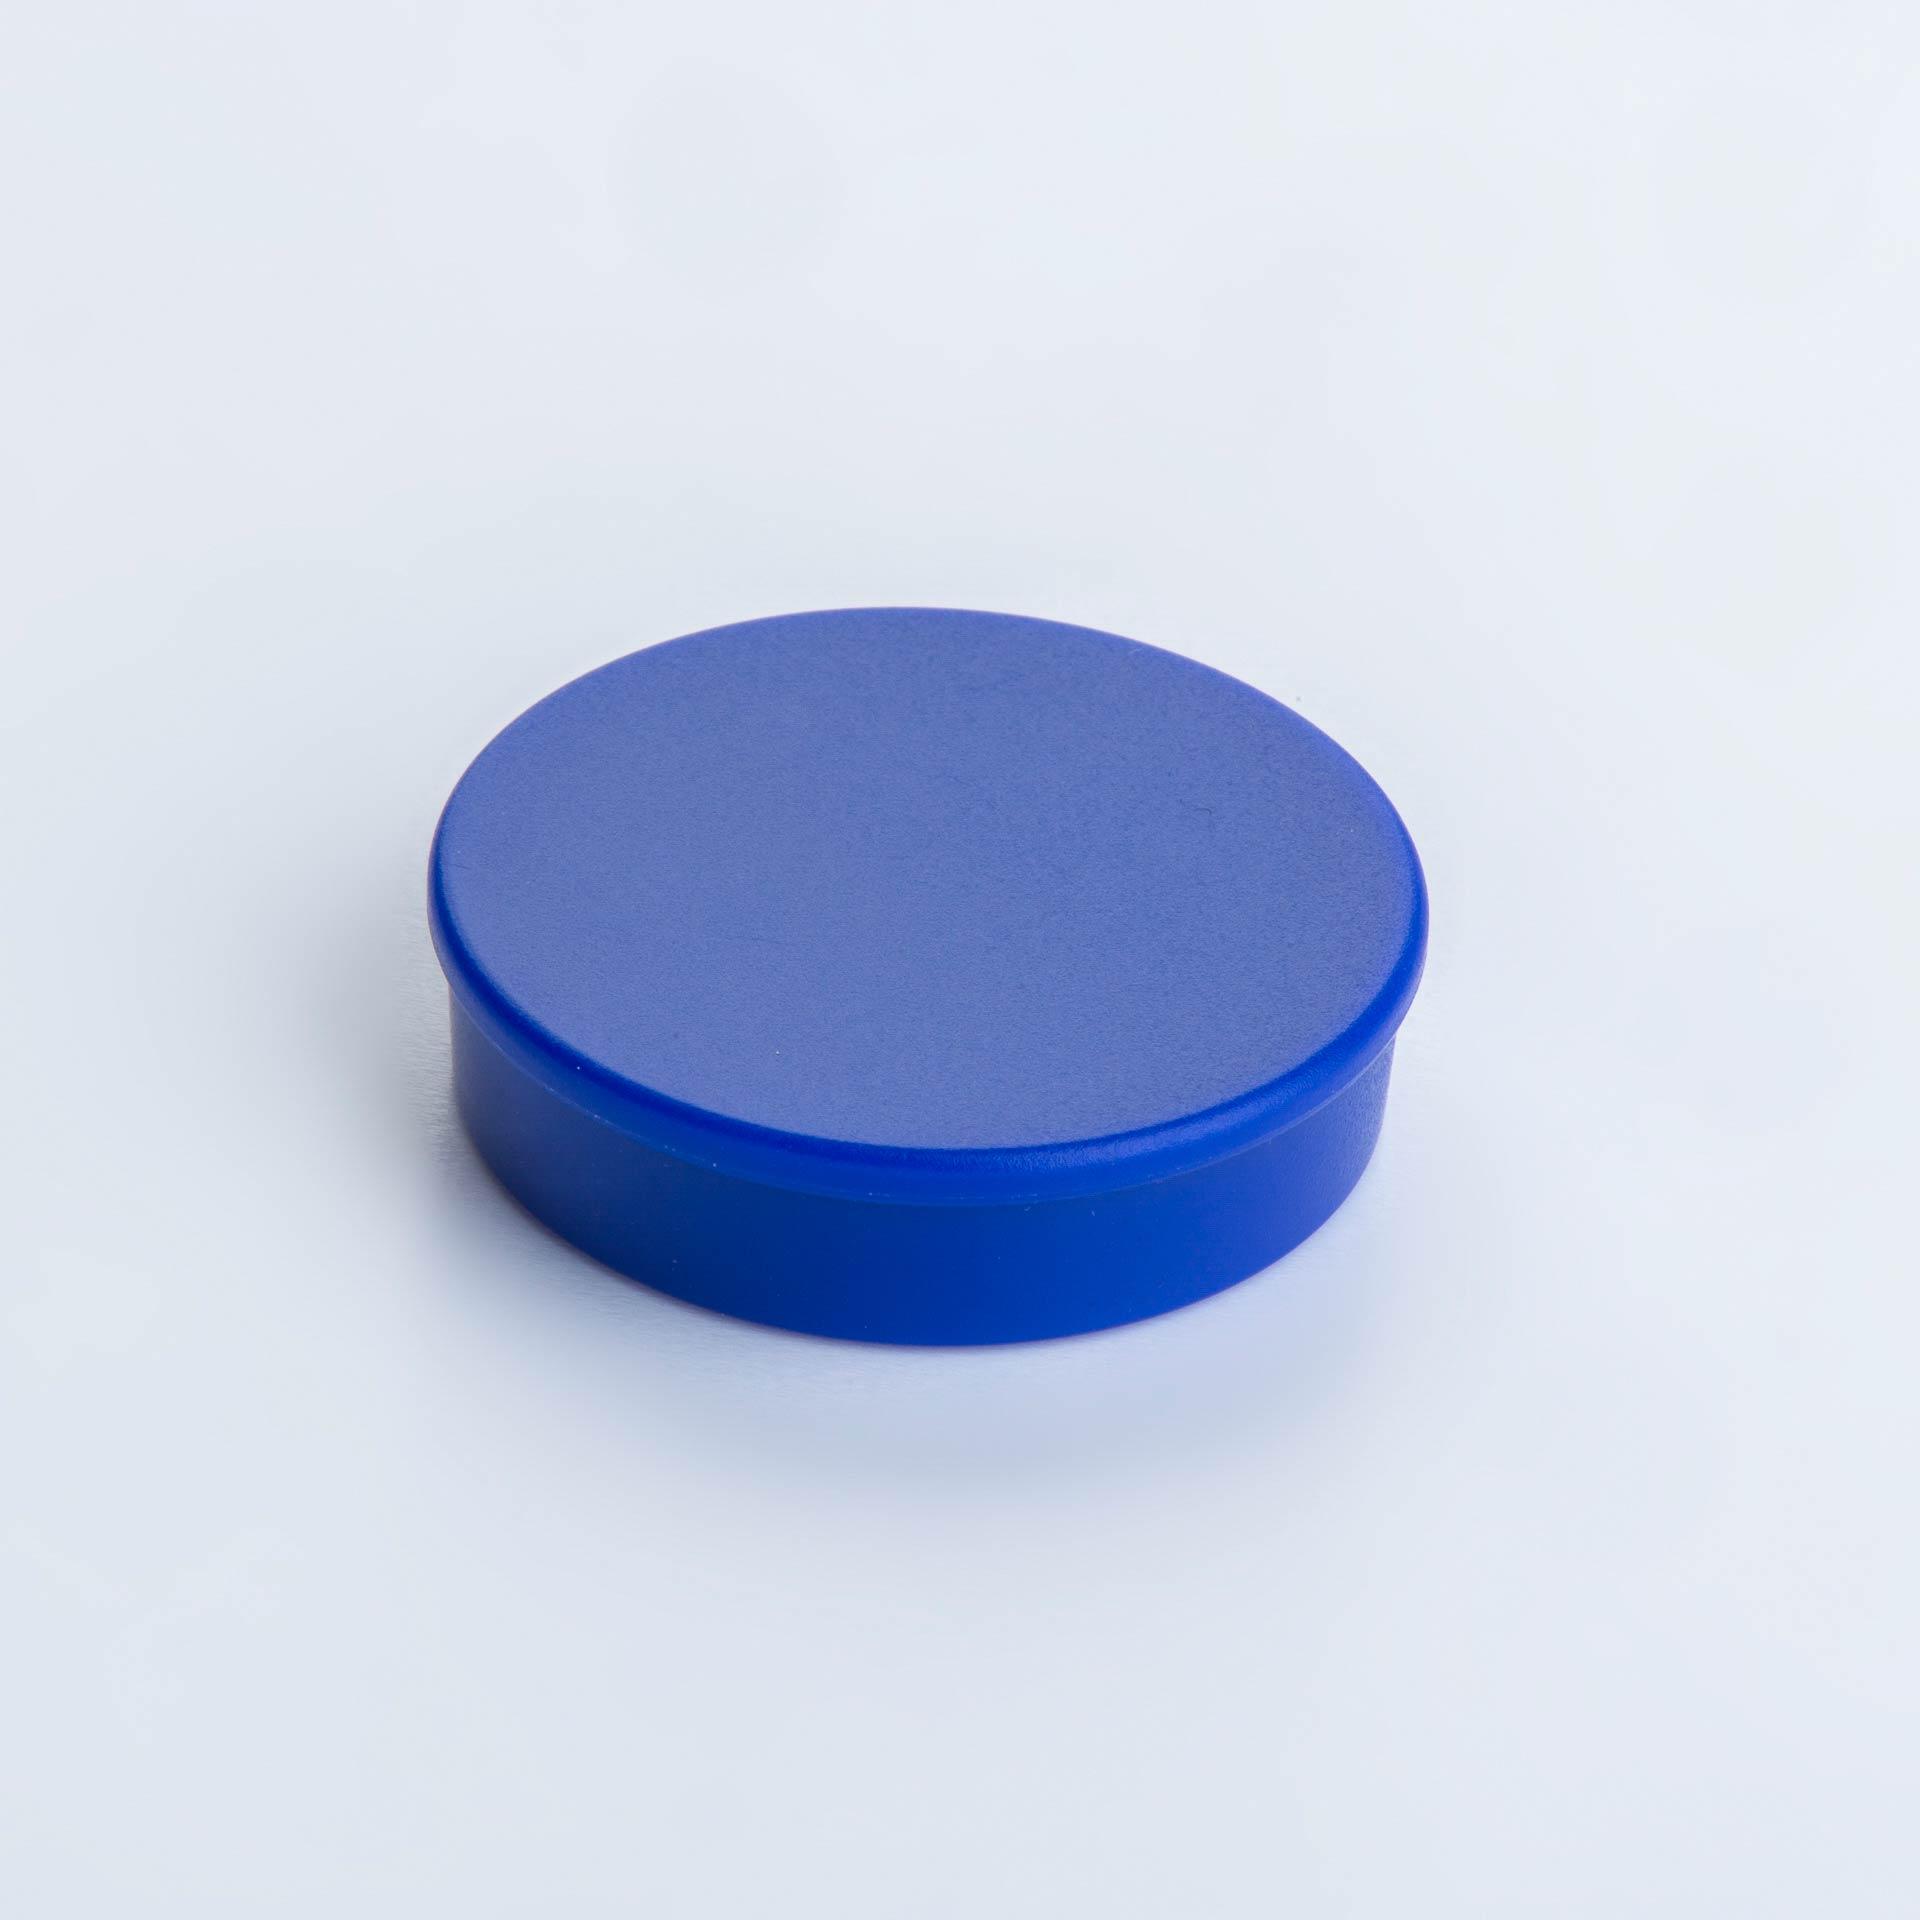 Organisationsmagnet aus Hartferrit mit rundem Kunststoffgehäuse, verschiedene Farben, thyssenkrupp Magnettechnik